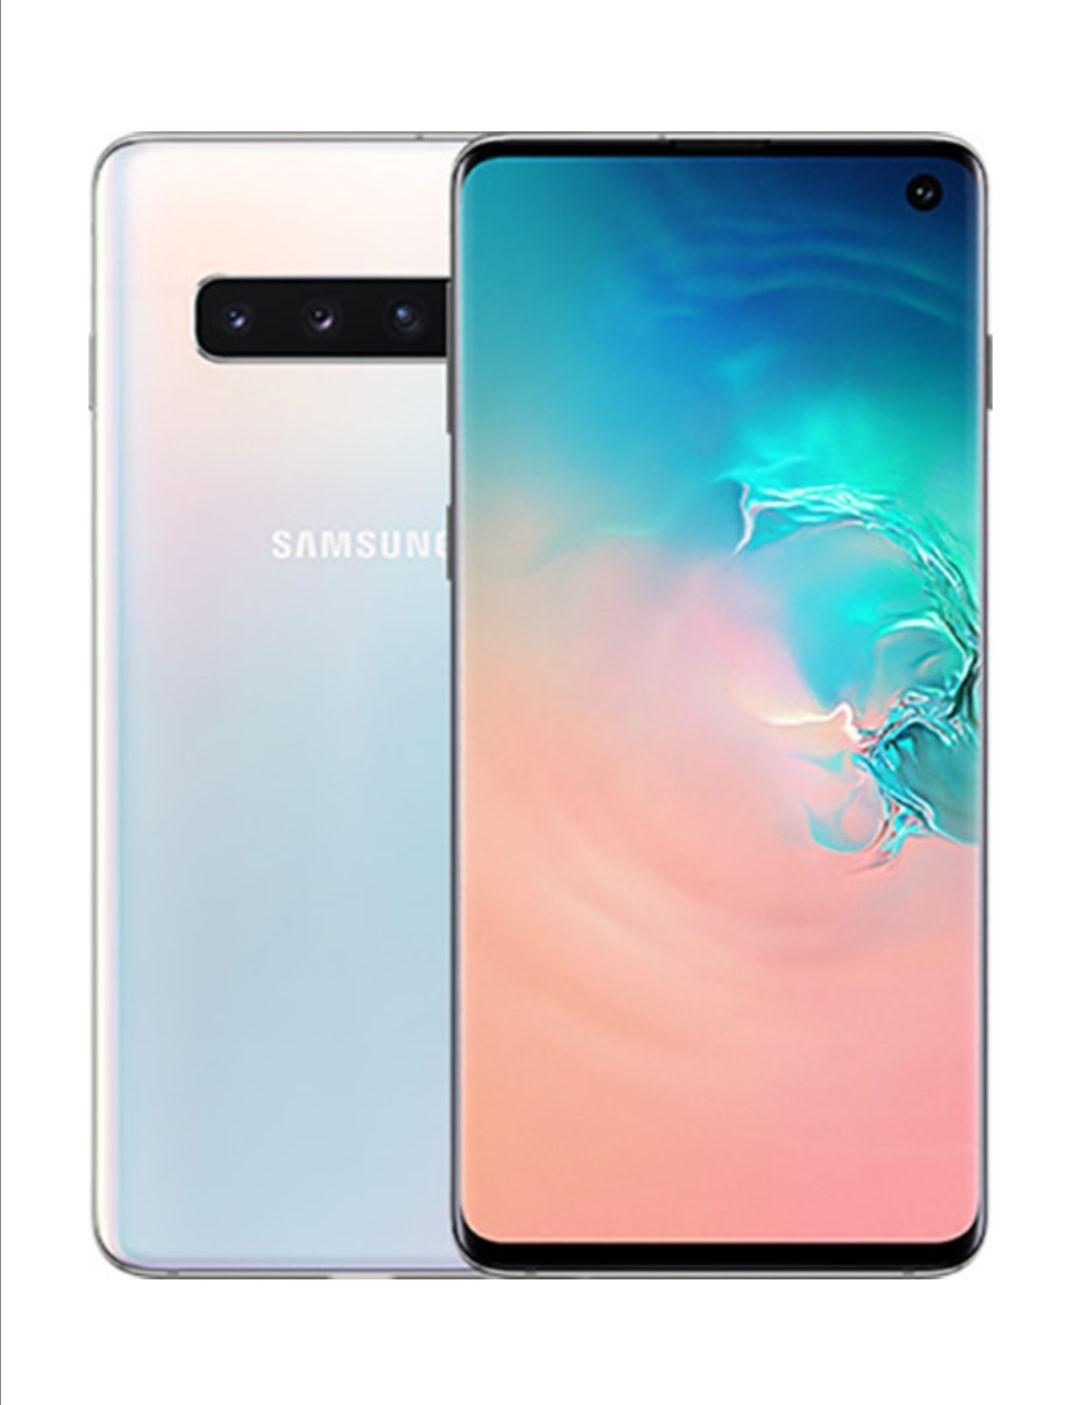 [Media Markt Österreich] Samsung Galaxy S10 für 505,20€ incl Versand nach DE